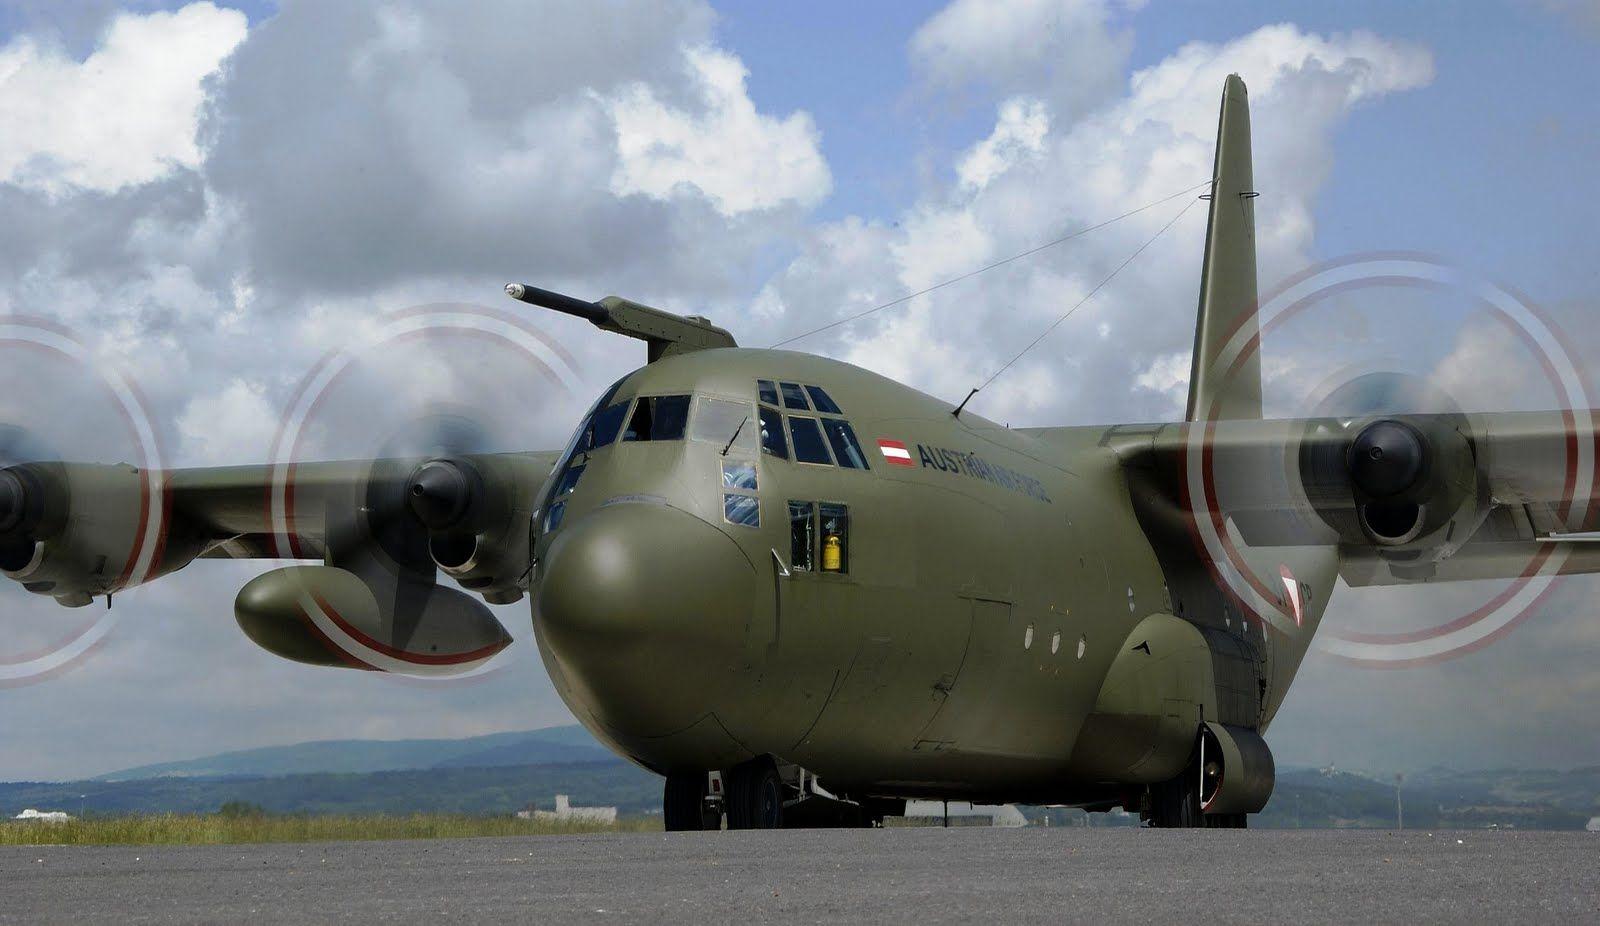 """Оккупанты строят на аэродроме """"Бельбек"""" новую взлетно-посадочную полосу, которая сможет принимать все типы самолетов военной авиации, - МинВОТ - Цензор.НЕТ 5029"""